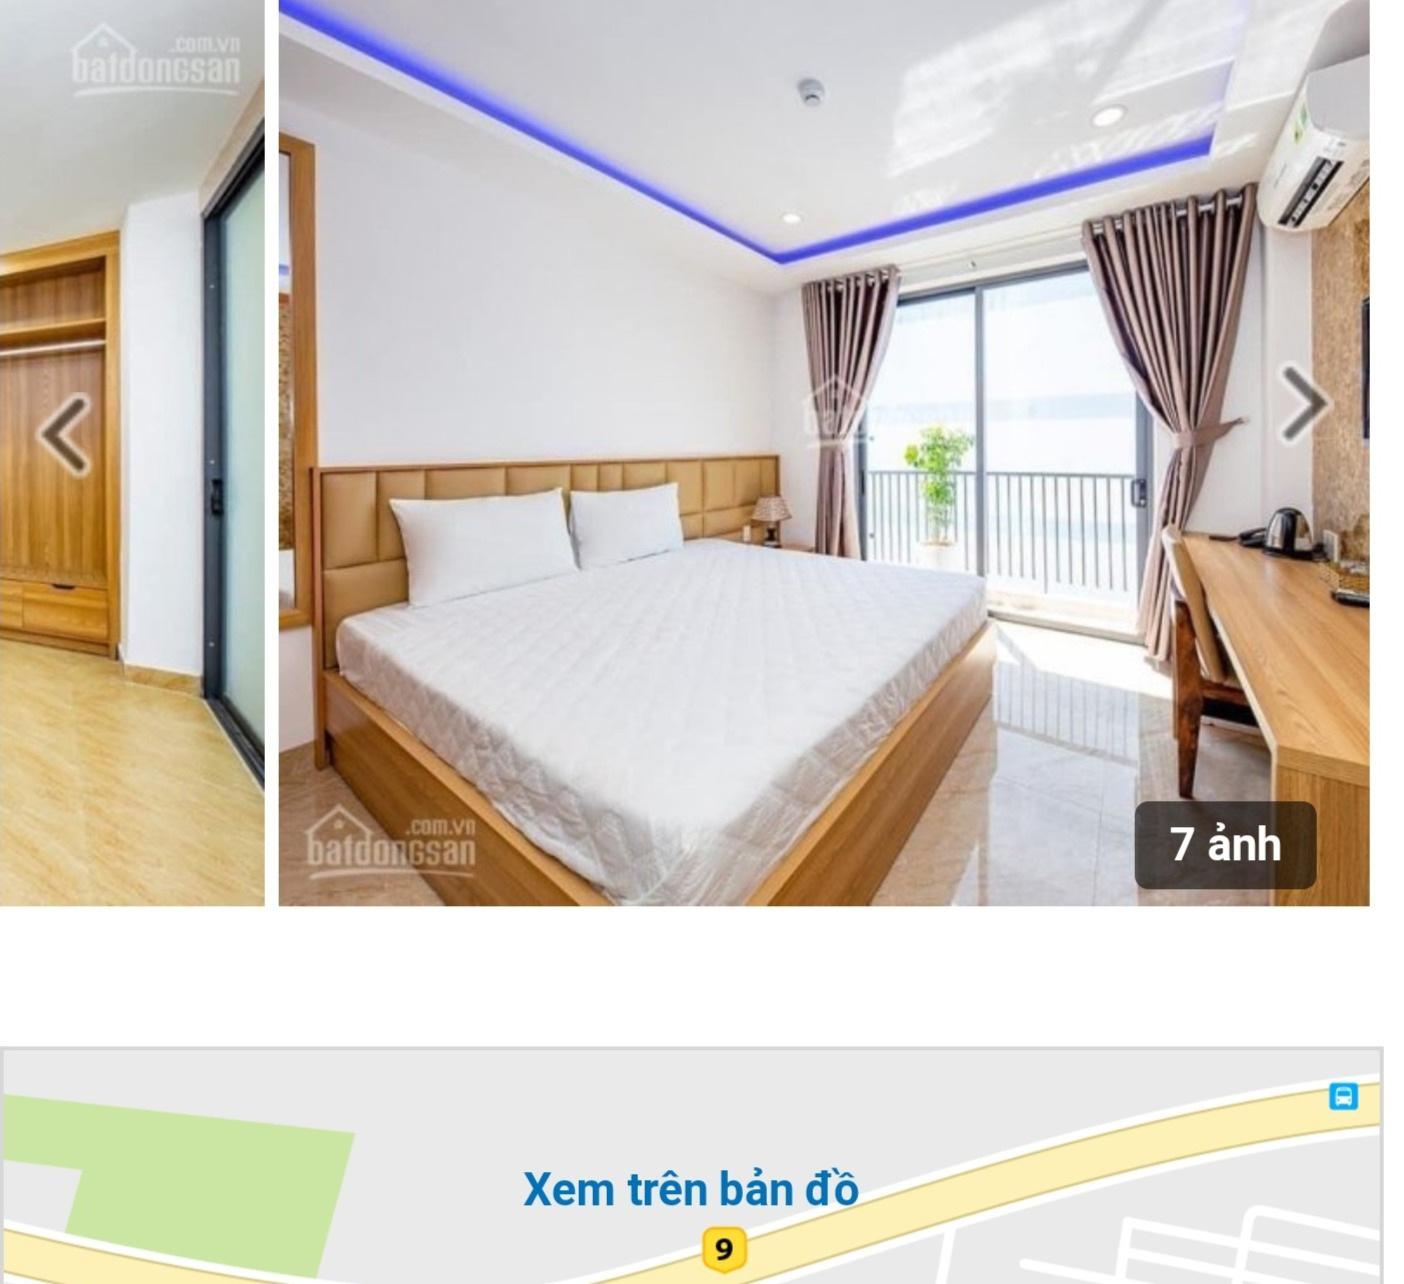 Chưa bao giờ ngành khách sạn Nha Trang như thế này...